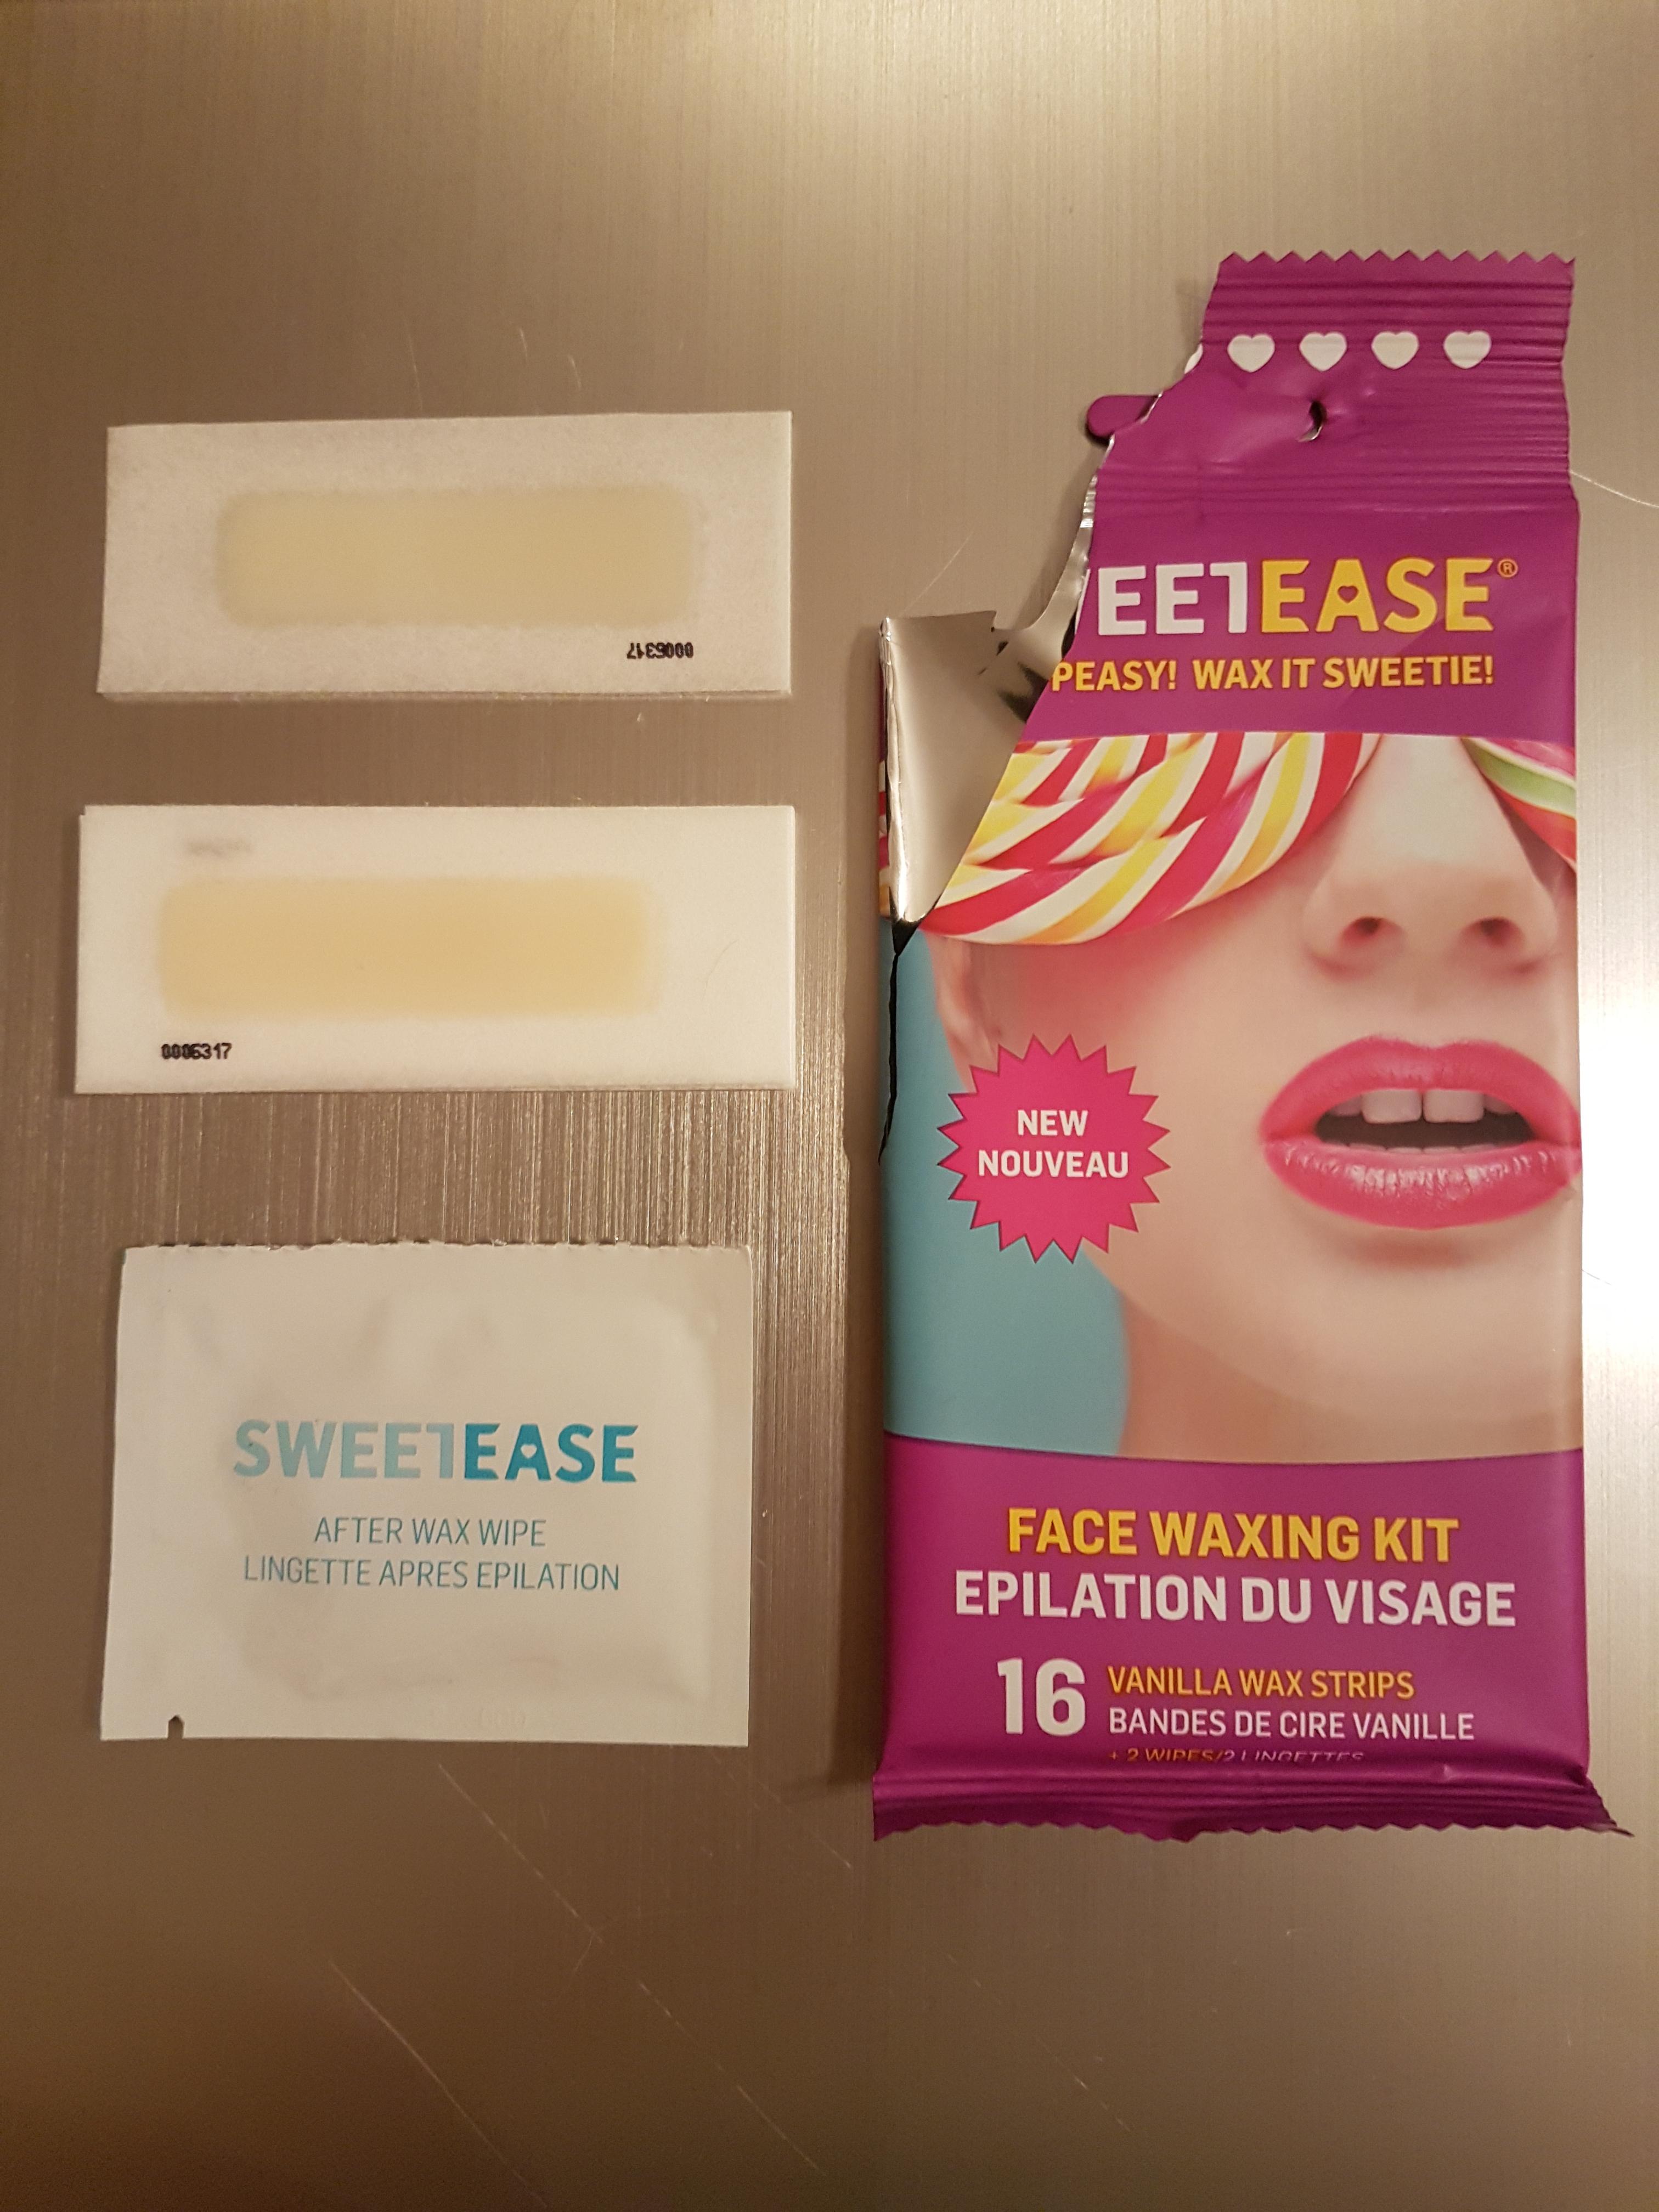 Home facial waxing kits the